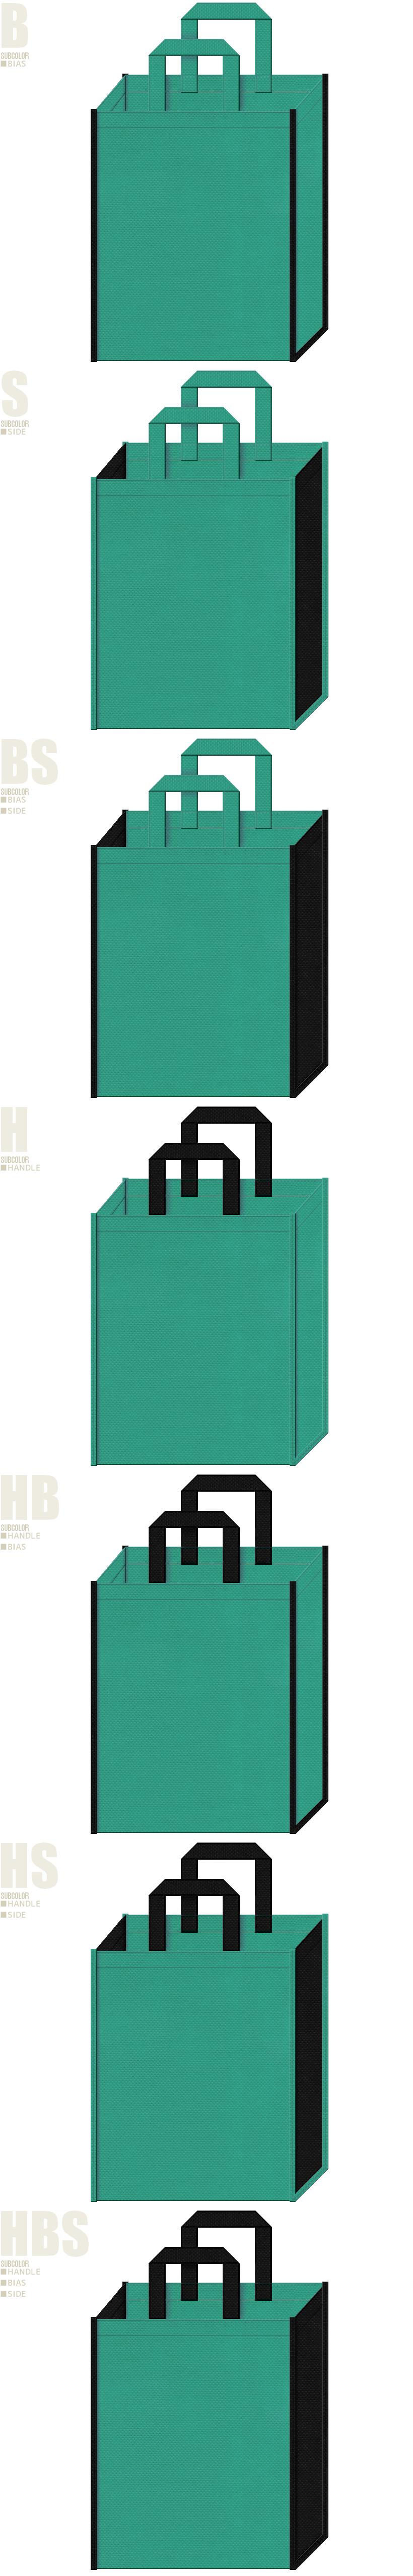 青緑色と黒色、7パターンの不織布トートバッグ配色デザイン例。